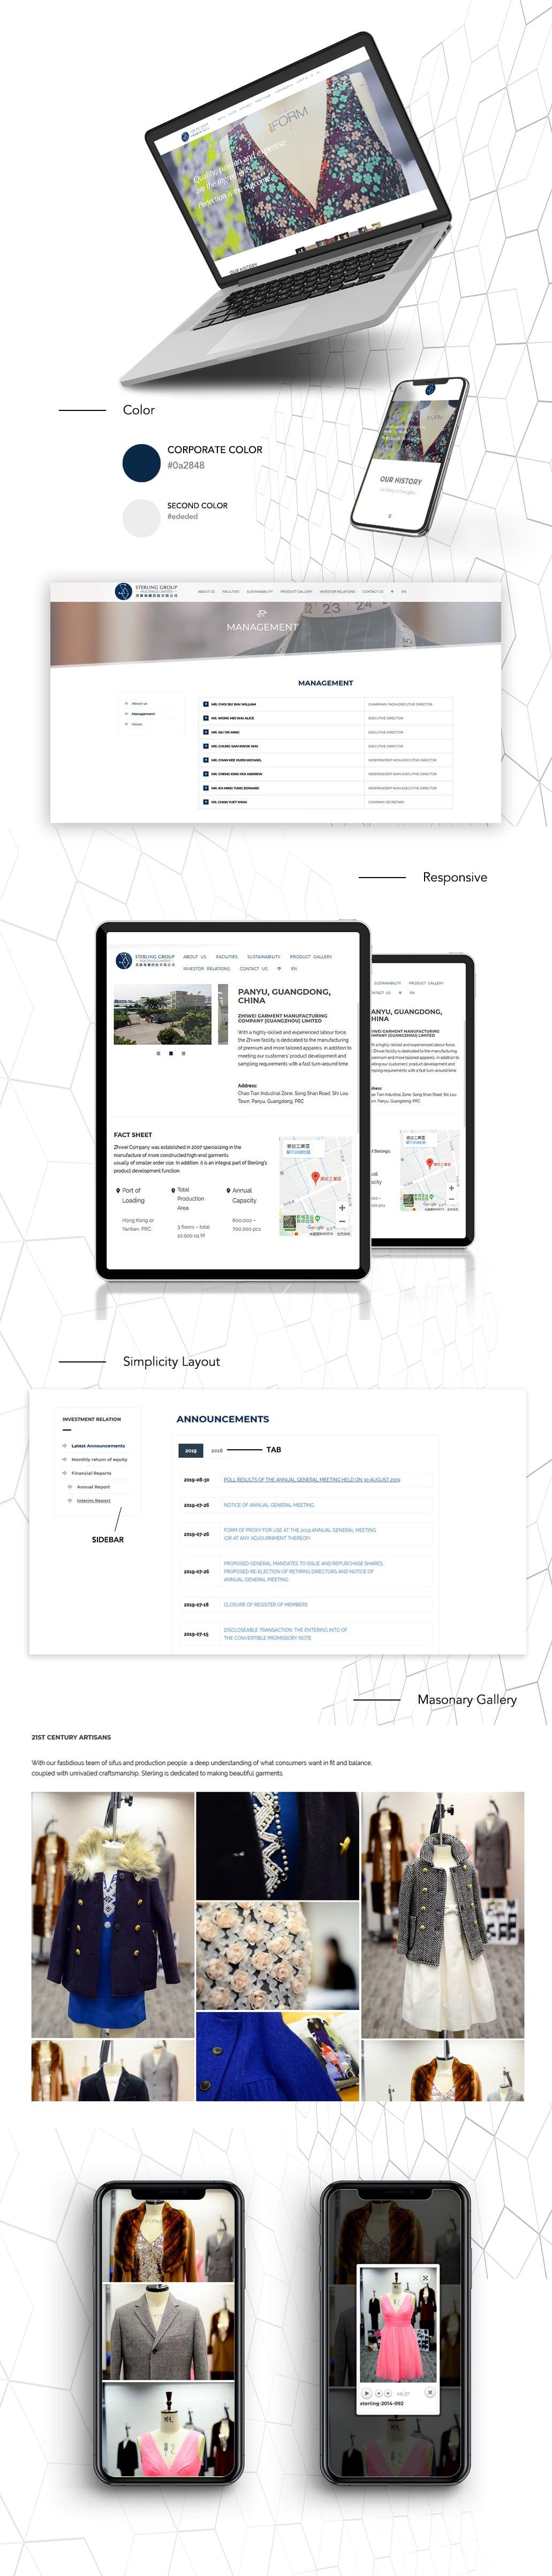 HK Corporate web design